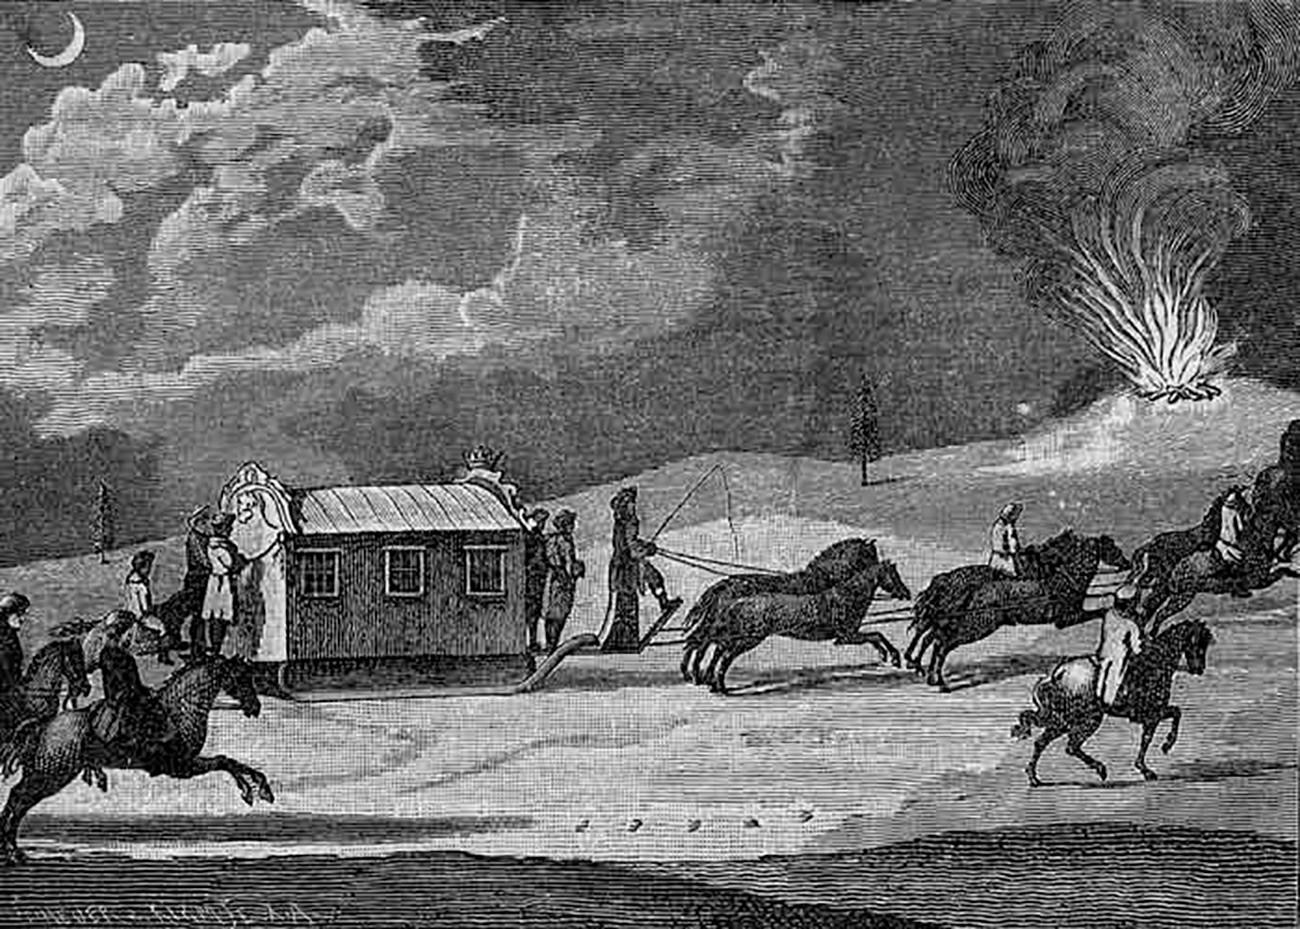 Zatvorene saonice s konjskom zapregom carice Katarine Velike